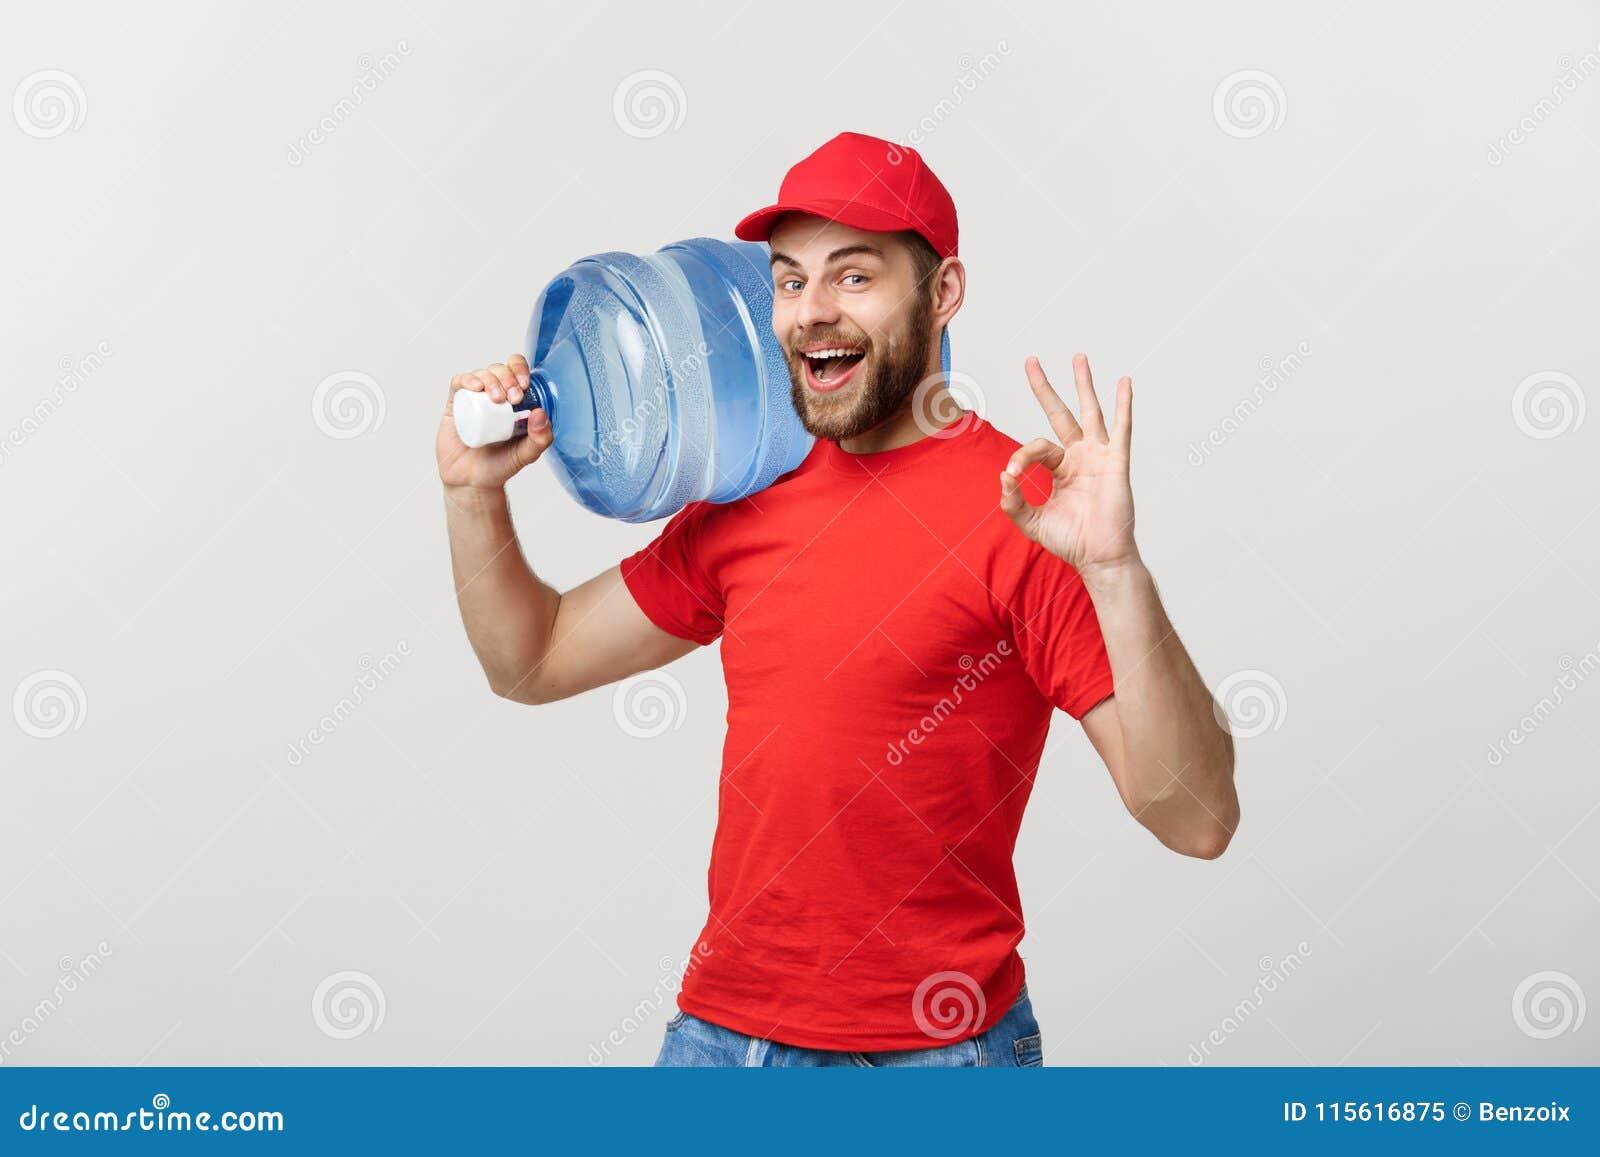 Χαμογελώντας αγγελιαφόρος παράδοσης εμφιαλωμένου νερού πορτρέτου στην κόκκινη μπλούζα και τη φέρνοντας δεξαμενή ΚΑΠ του χυμού και